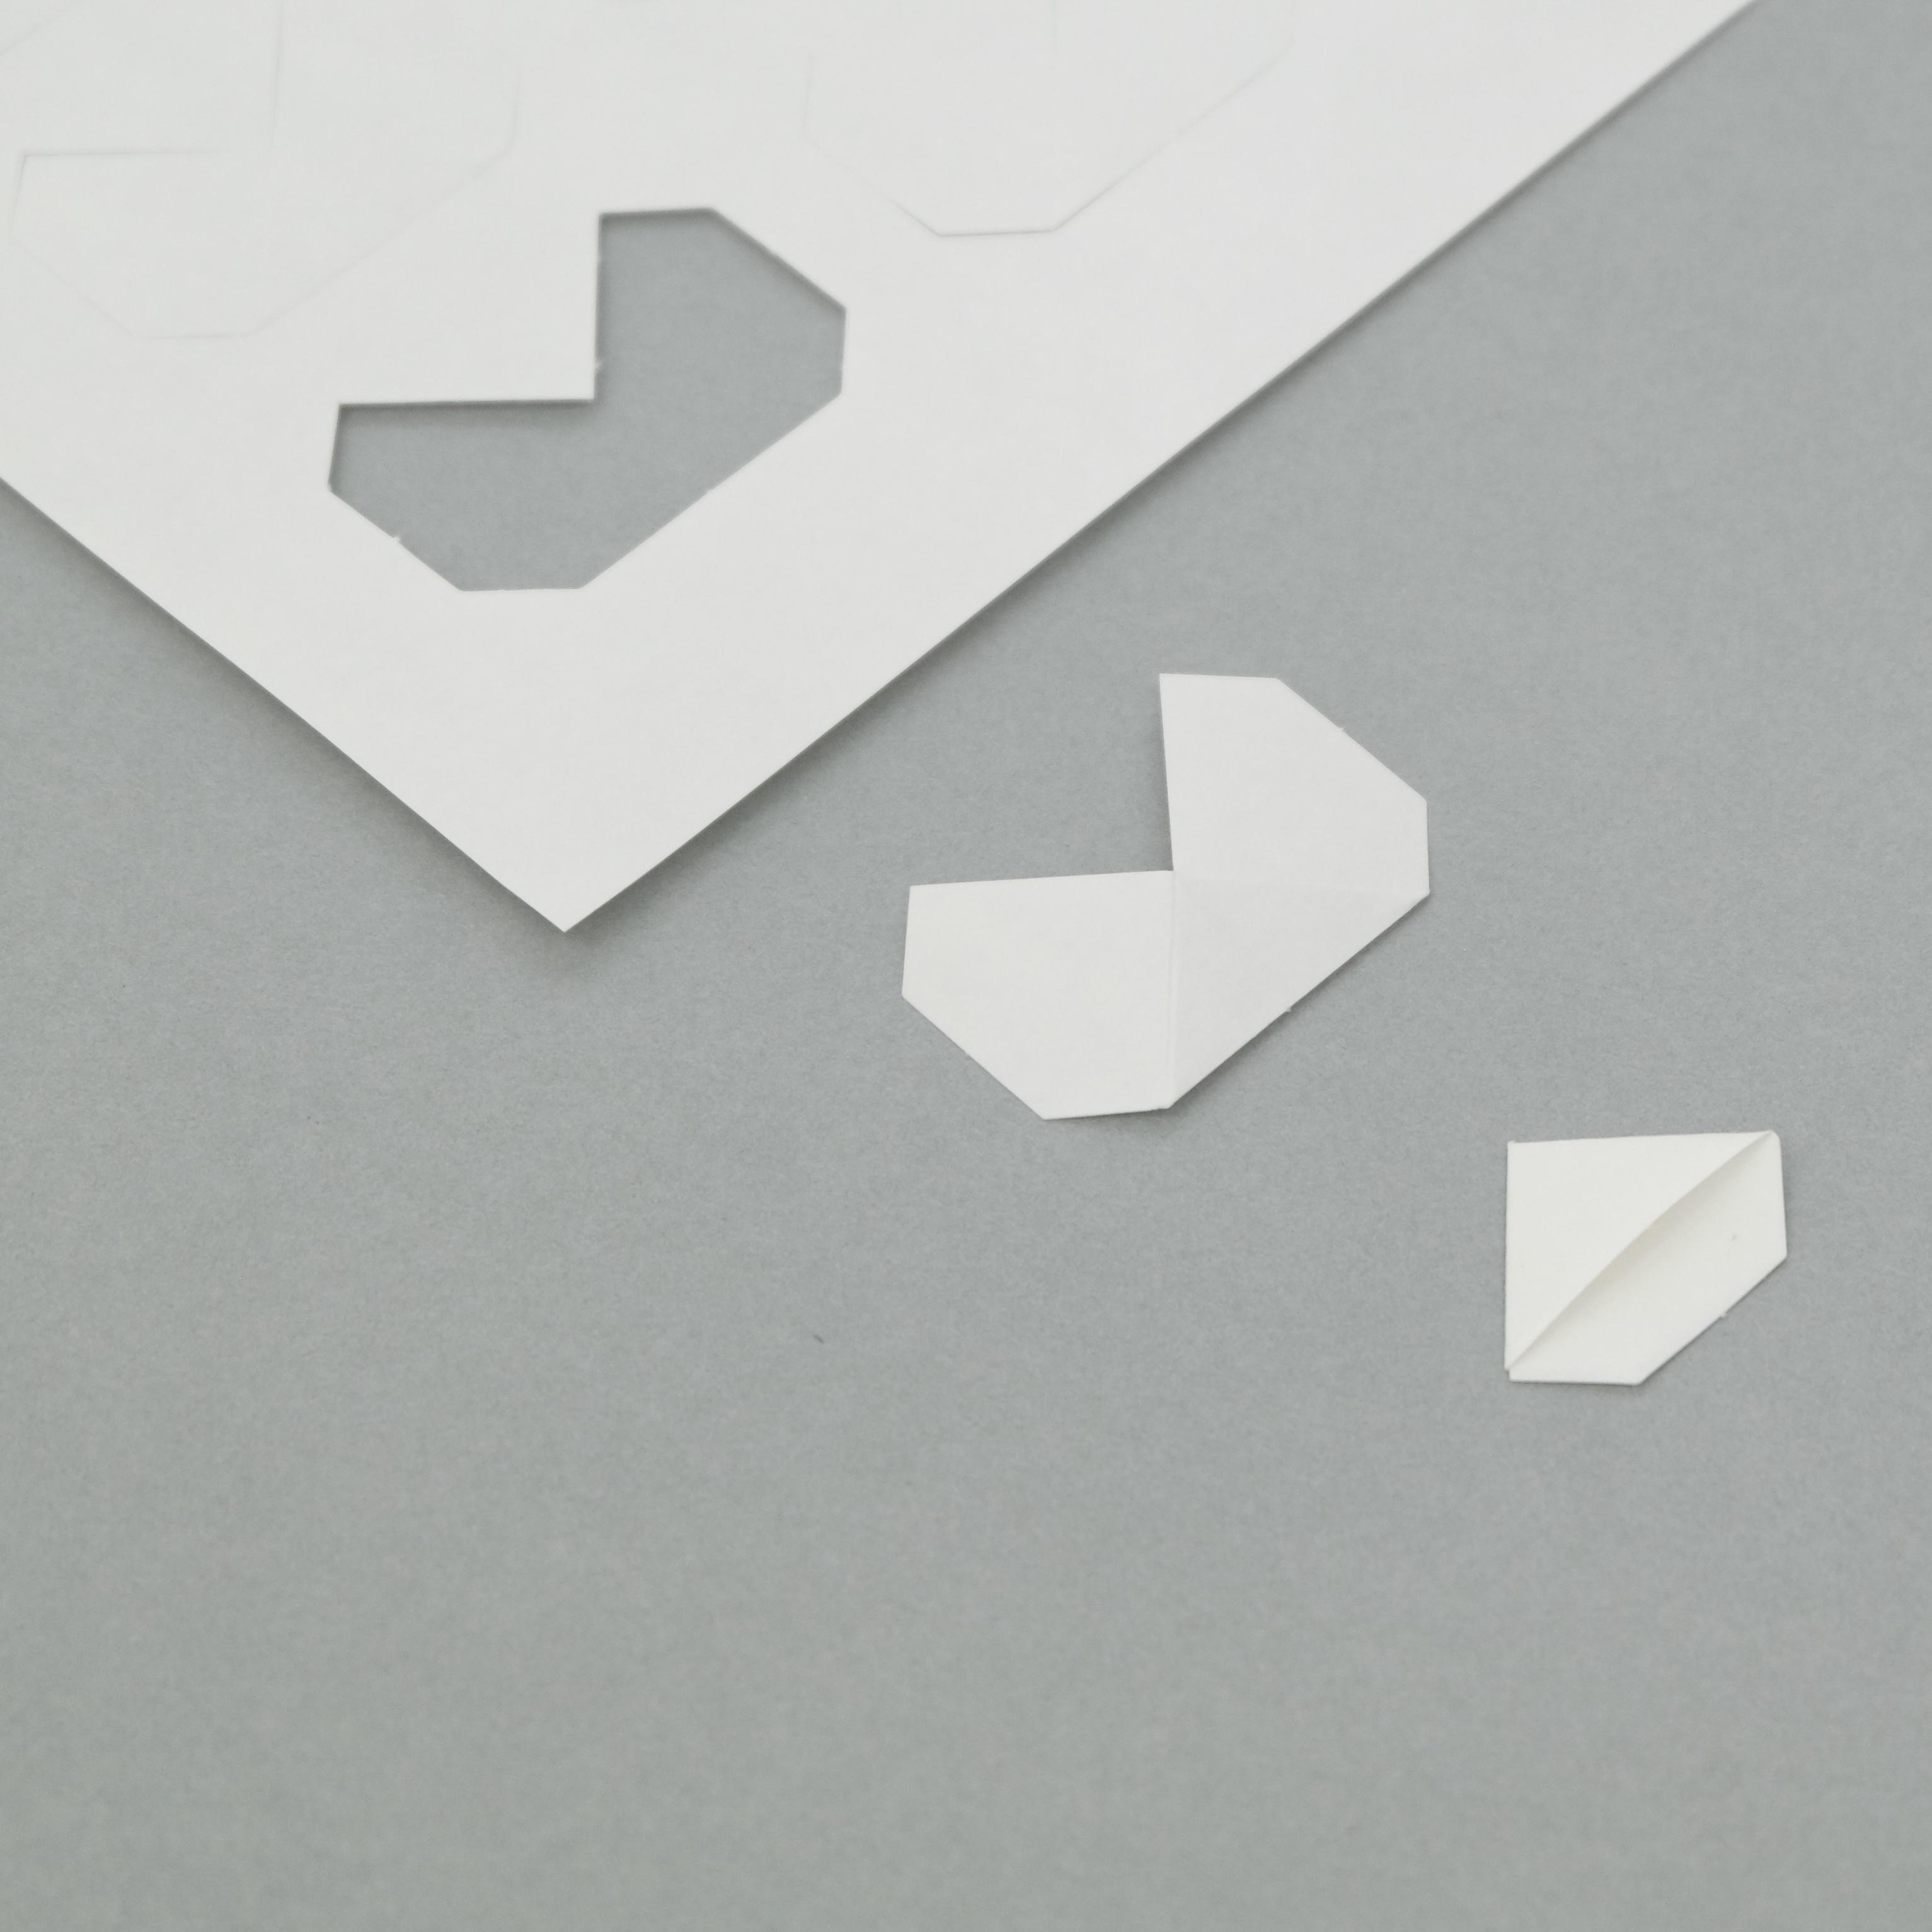 montageecken von klug conservation aus papier. Black Bedroom Furniture Sets. Home Design Ideas